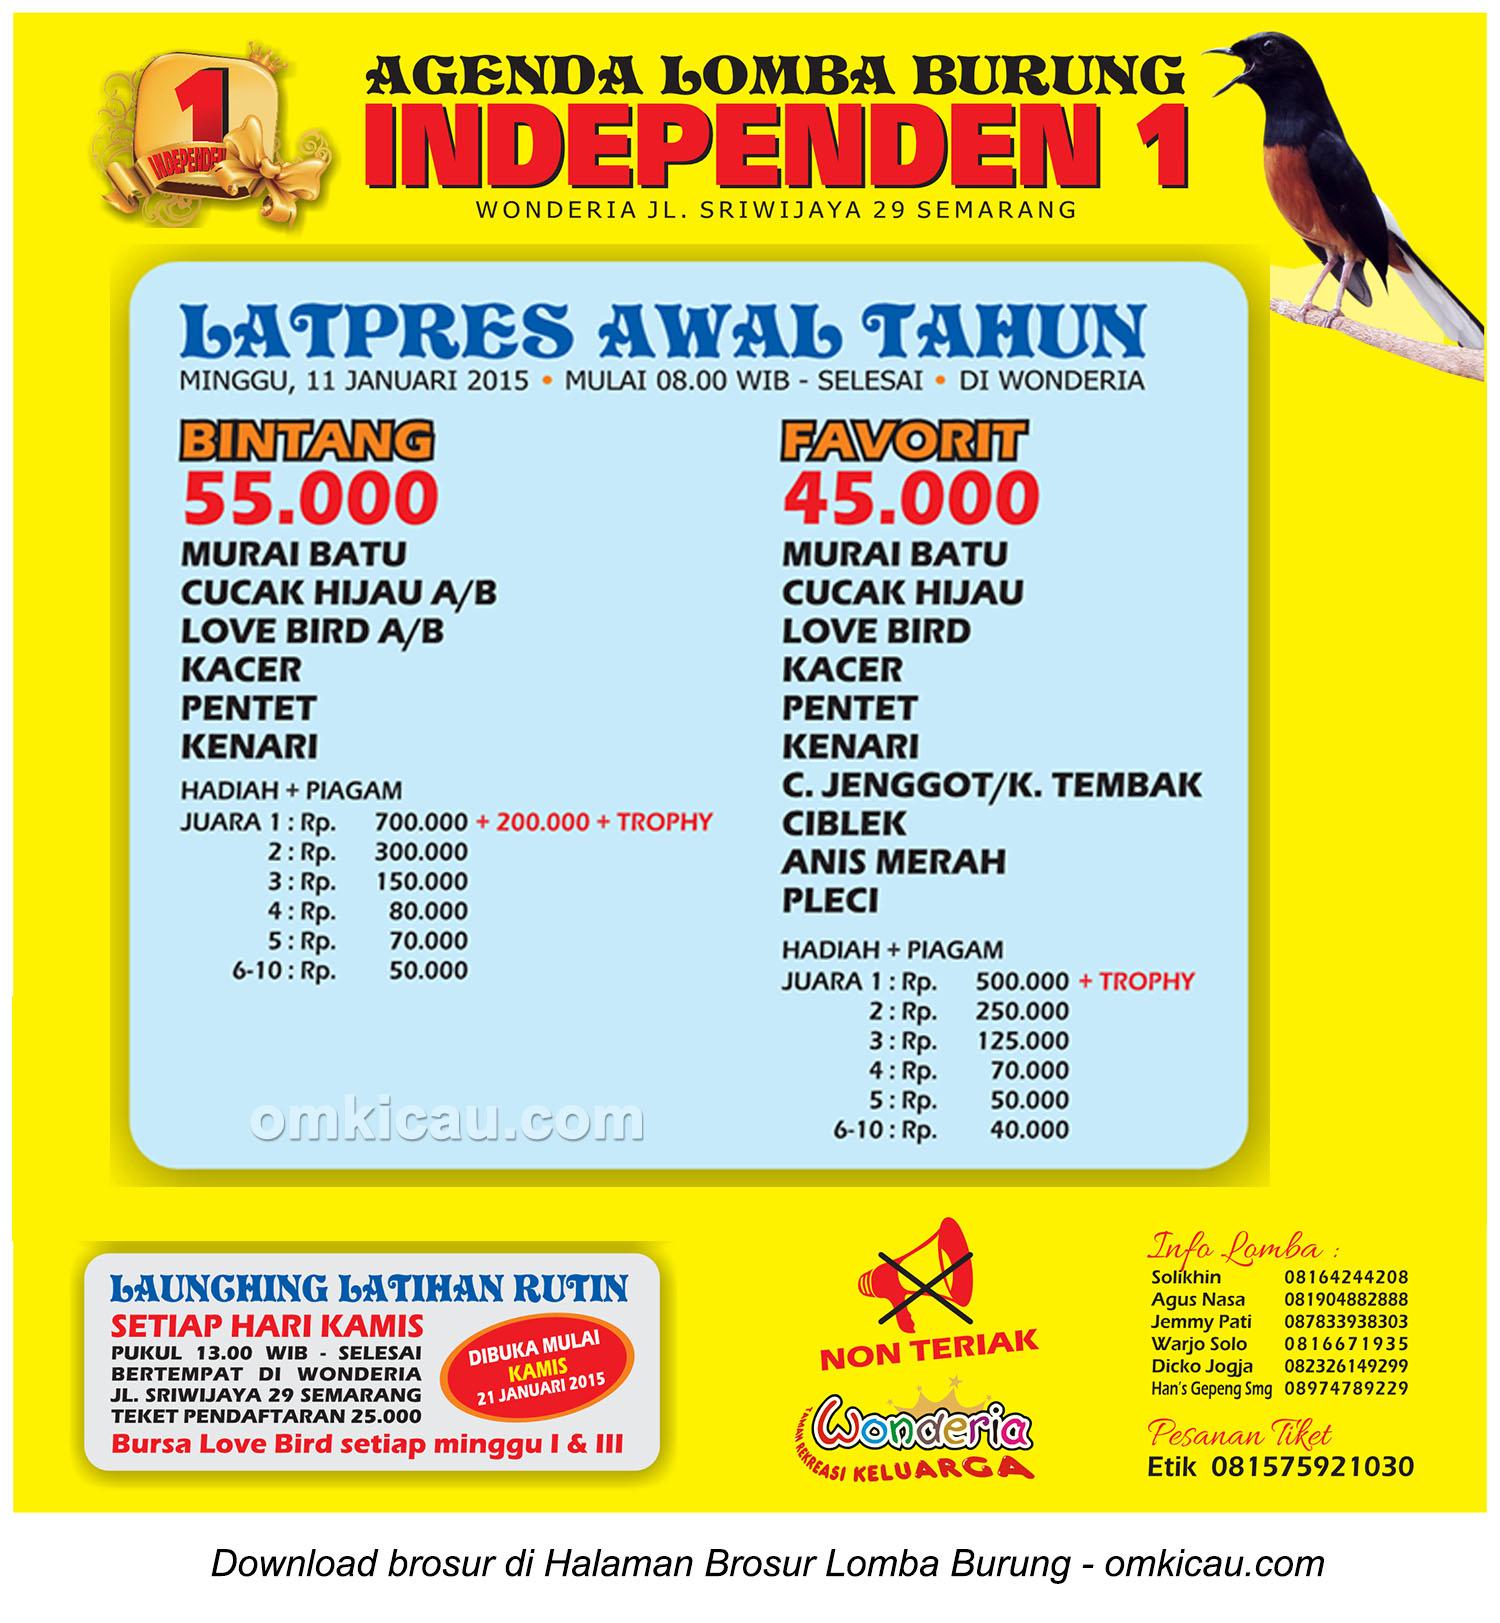 Brosur Latpres Awal Tahun Independen 1, Semarang, 11 Januari 2015